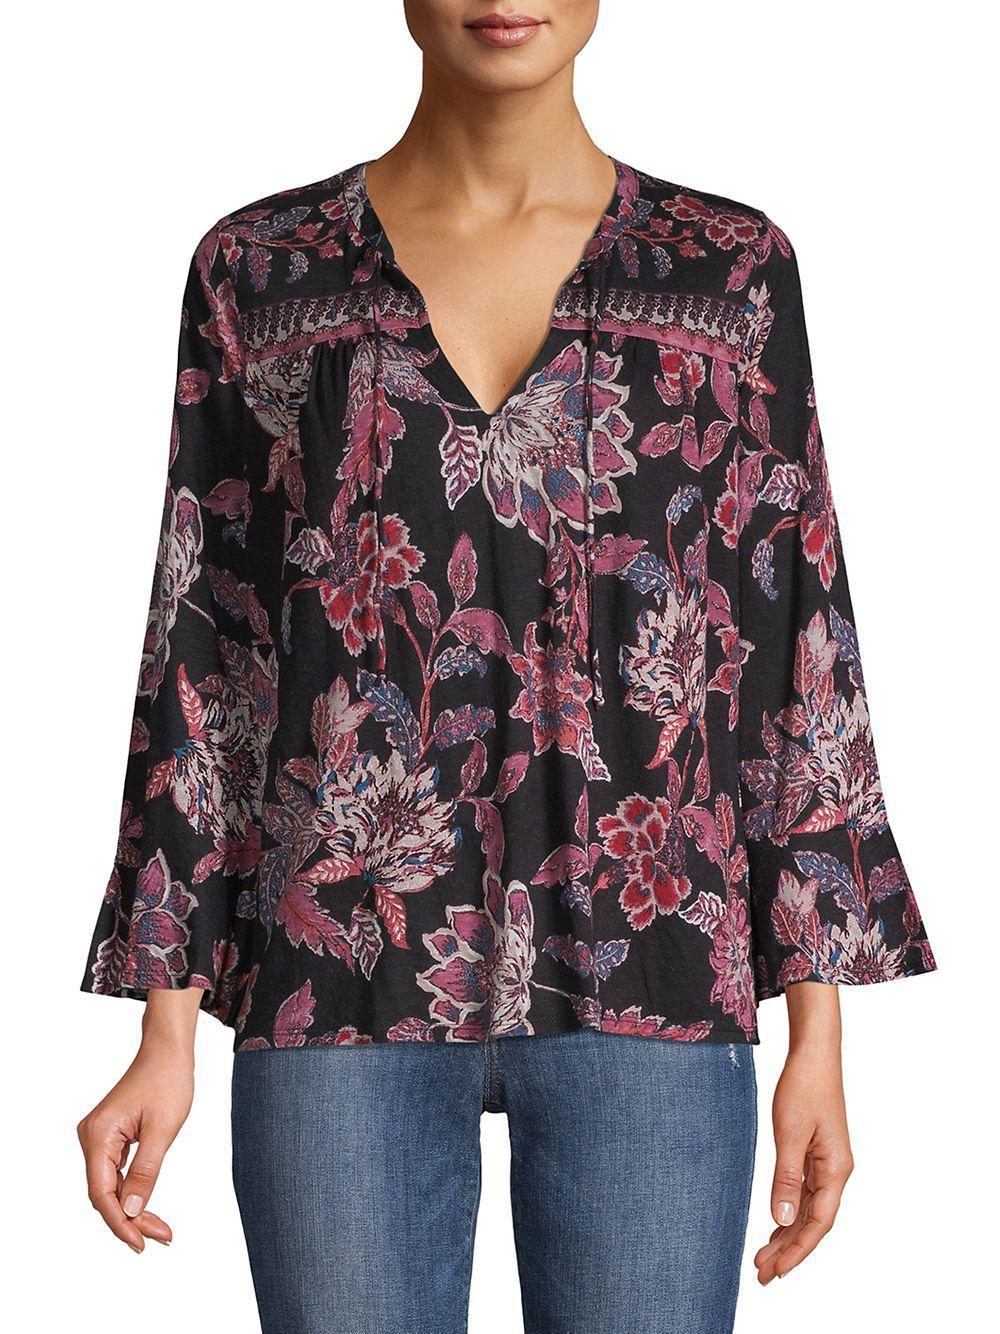 a68efa7e014a4d Lucky Brand. Women s Floral Bell-sleeve Top